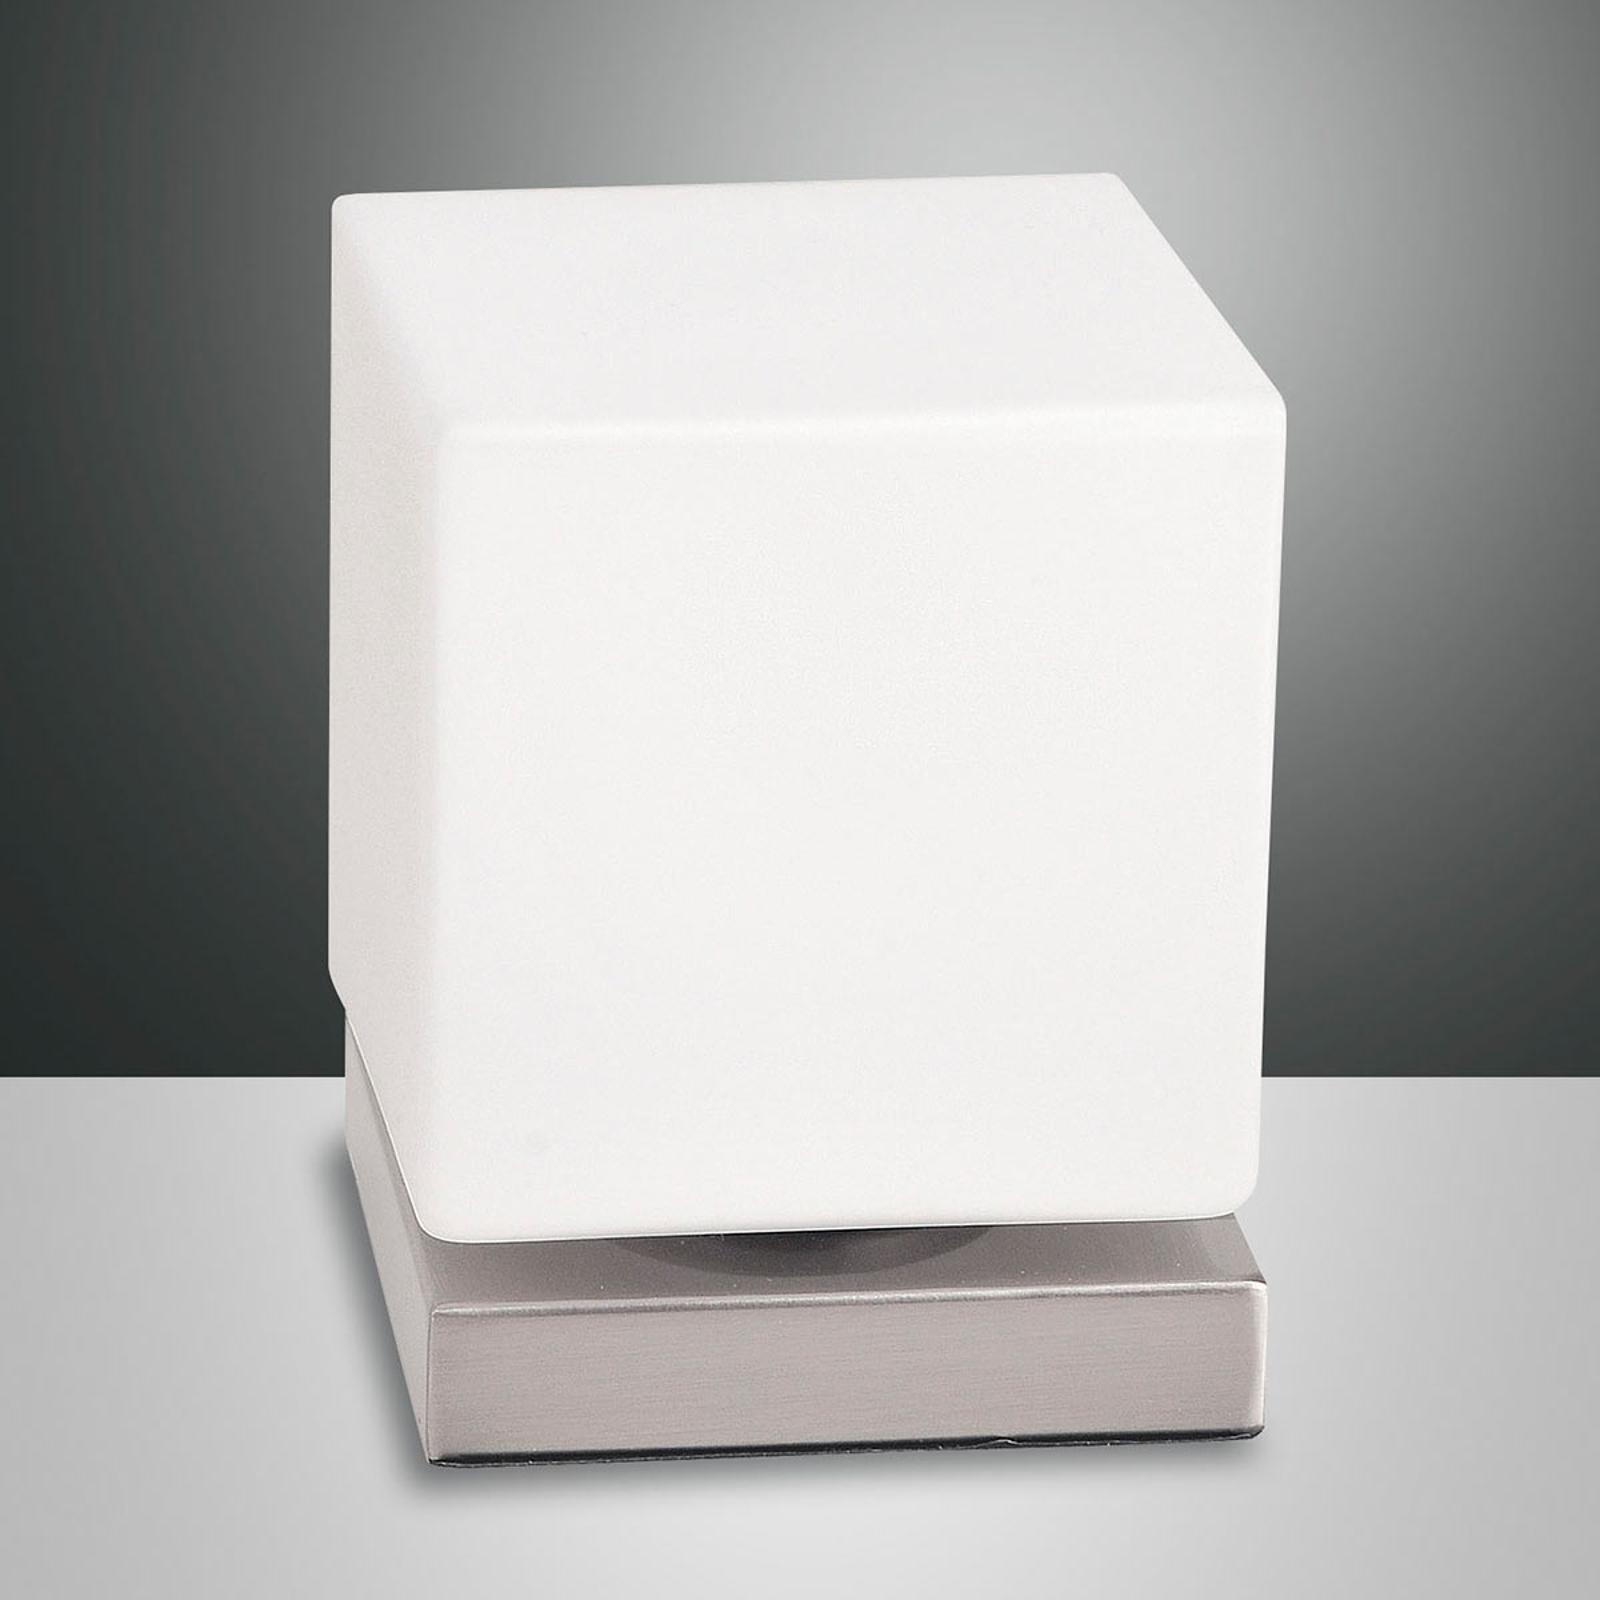 Acquista Lampada Da Tavolo Led Brenta Con Touch Dimmer Lampade It